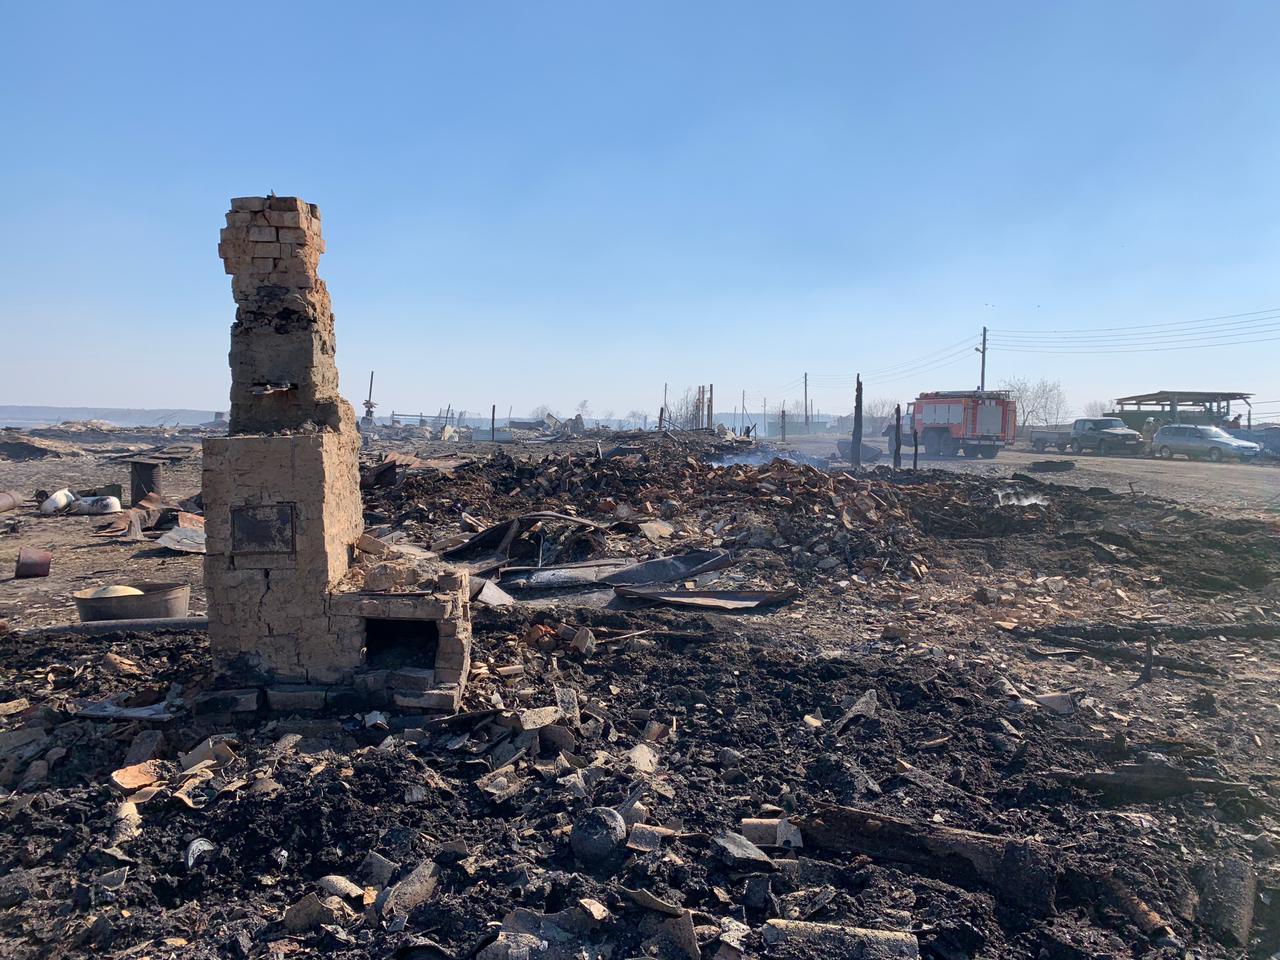 В Омской области за 8 дней мая сгорели уже 25 домов и дач #Омск #Общество #Сегодня